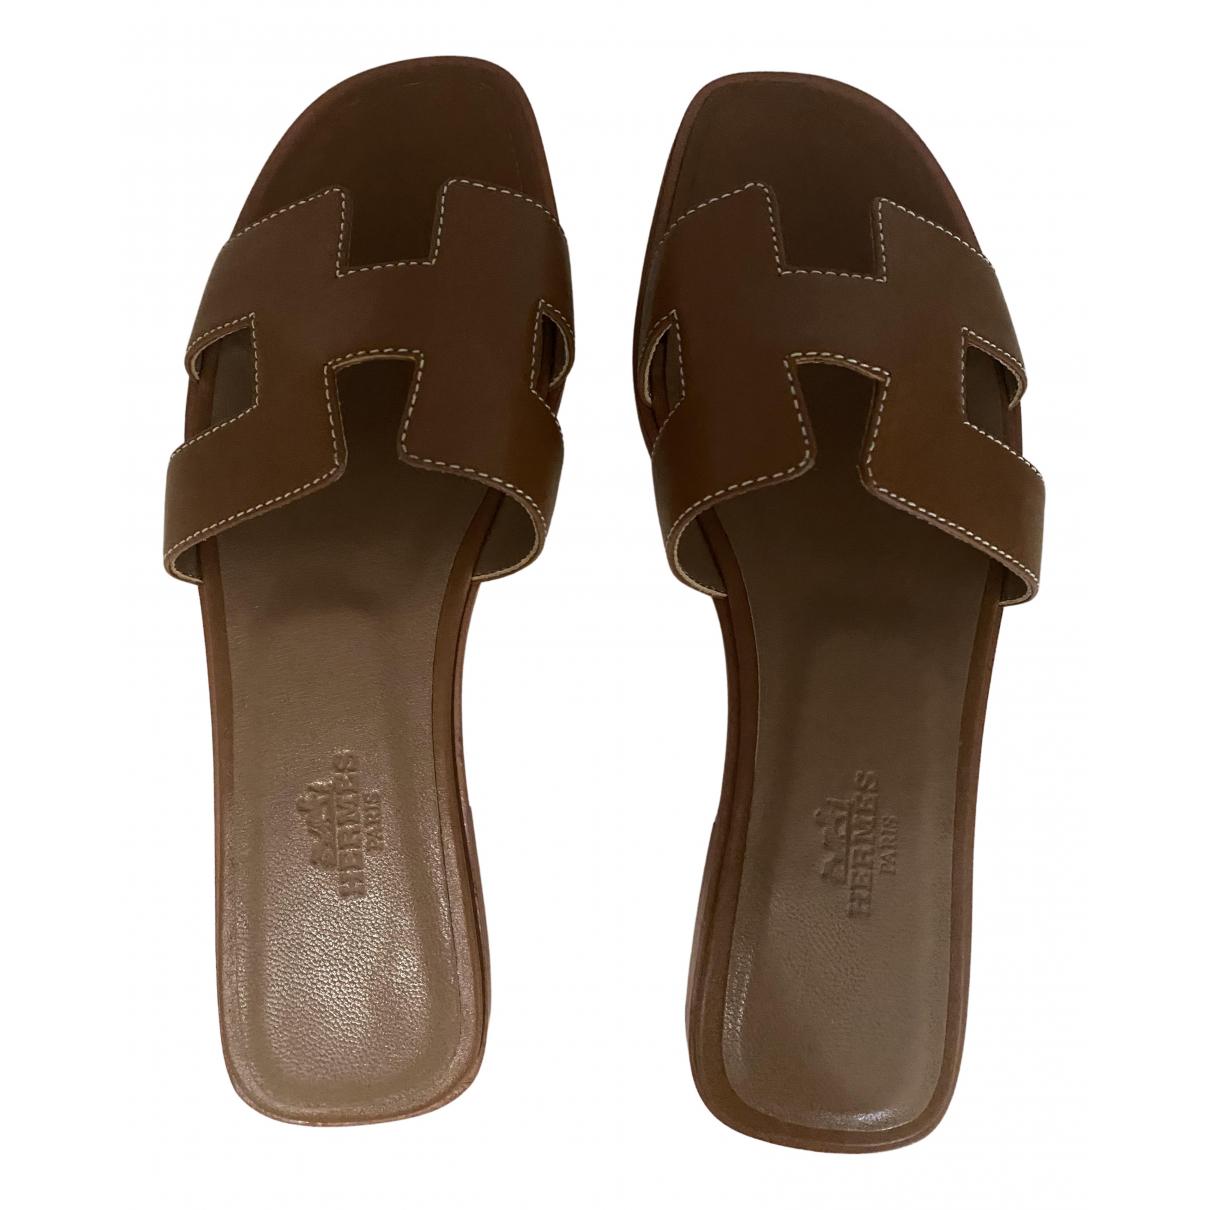 Hermes - Sandales Oran pour femme en cuir - marron